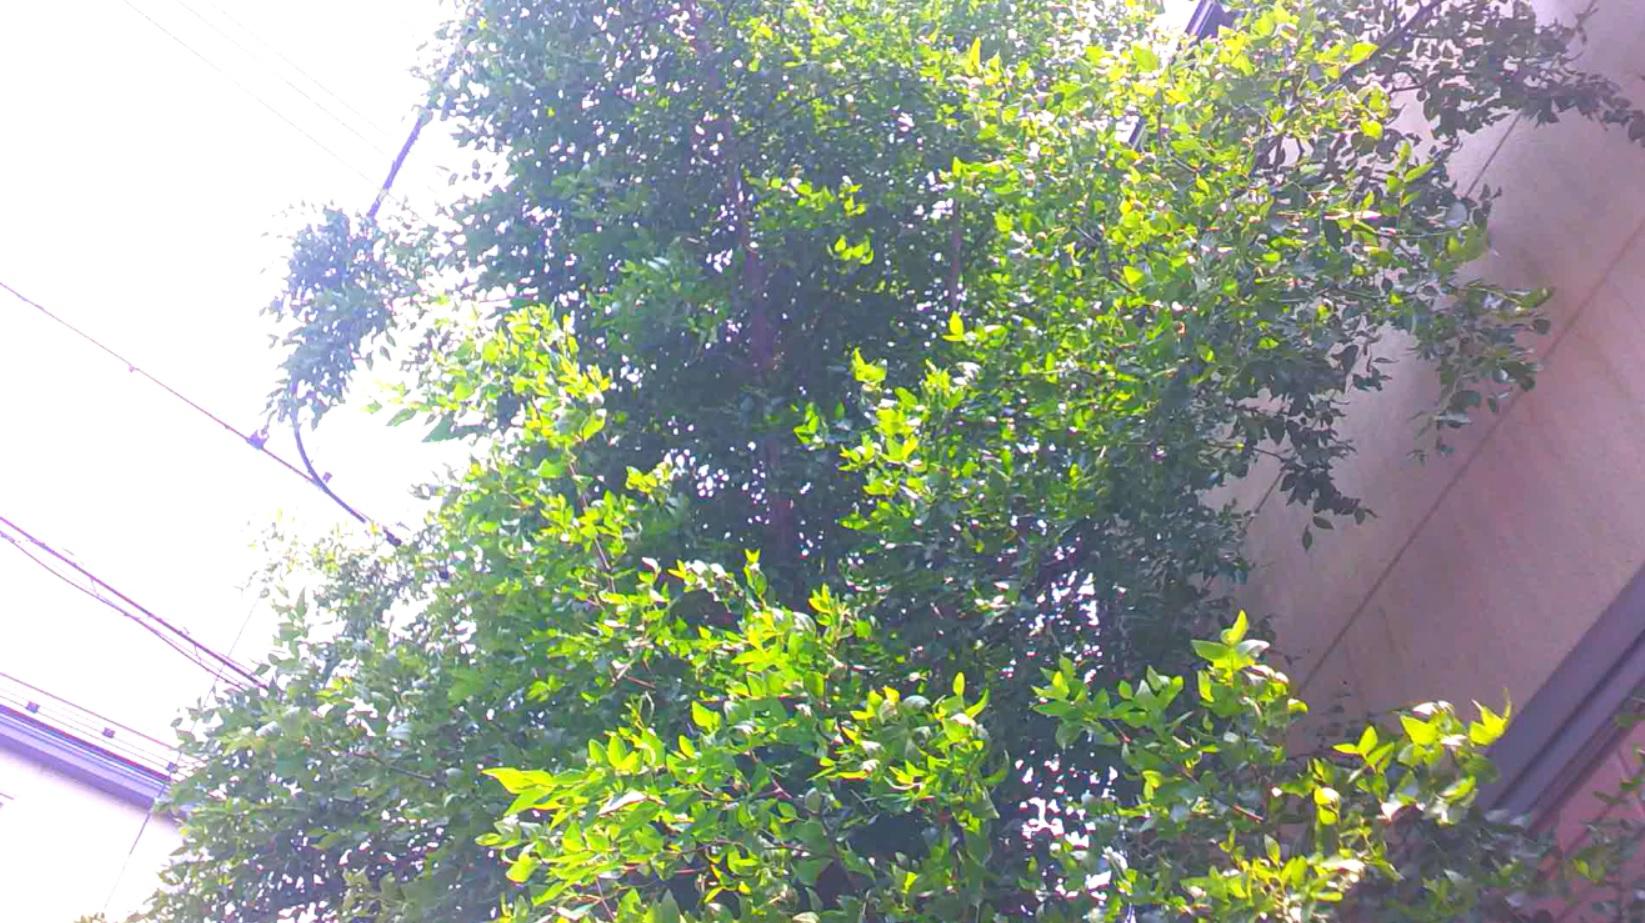 【庭木伐採 さいたま市】電線にかかった庭木の伐採の作業前写真